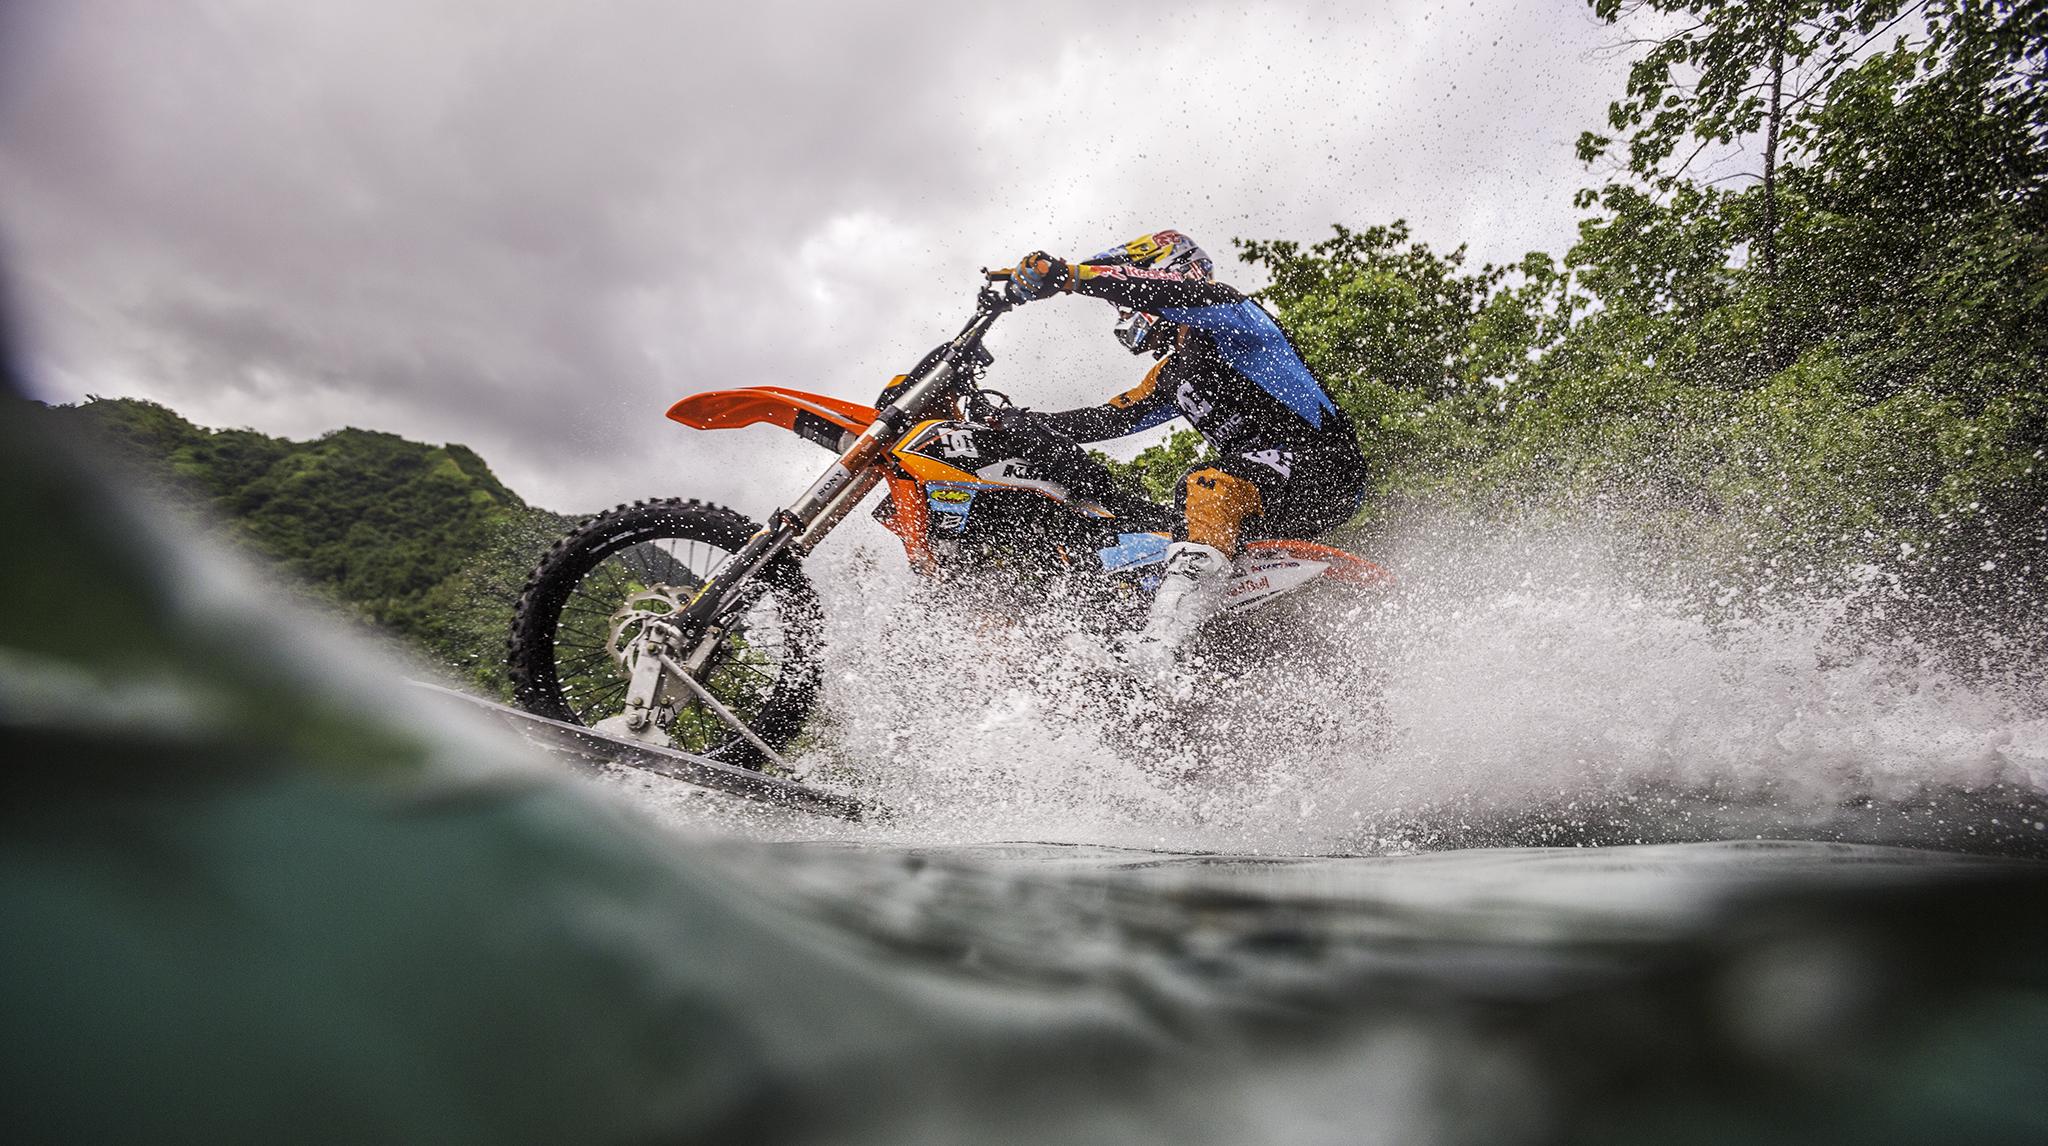 Une Surfe video Vague Robbie Moto En Fmx impensable Maddison aqIRUwF